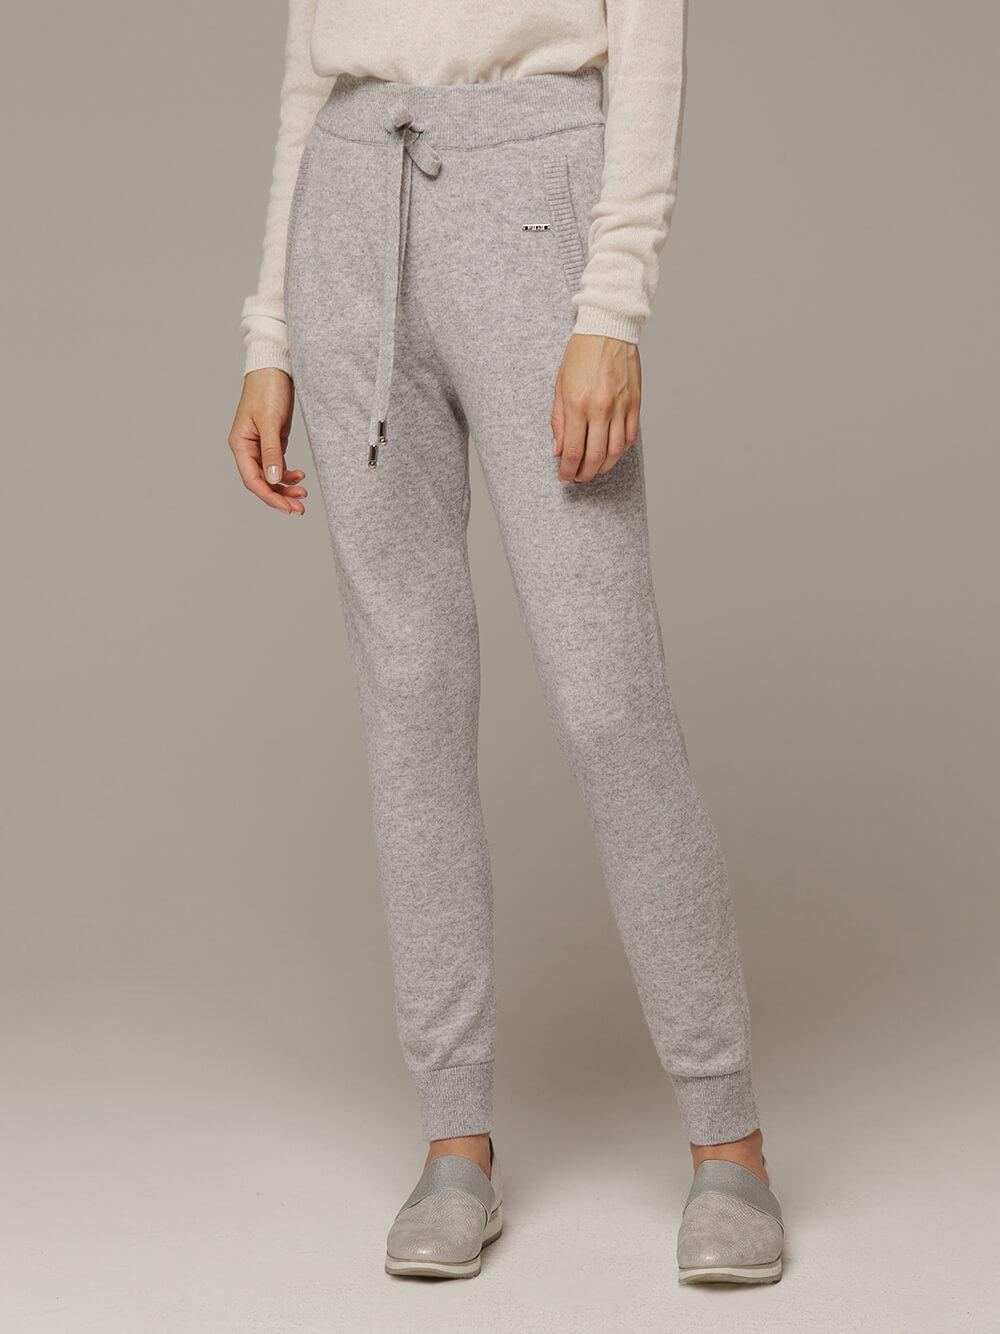 Женские серые брюки с карманами из шерсти и кашемира - фото 1